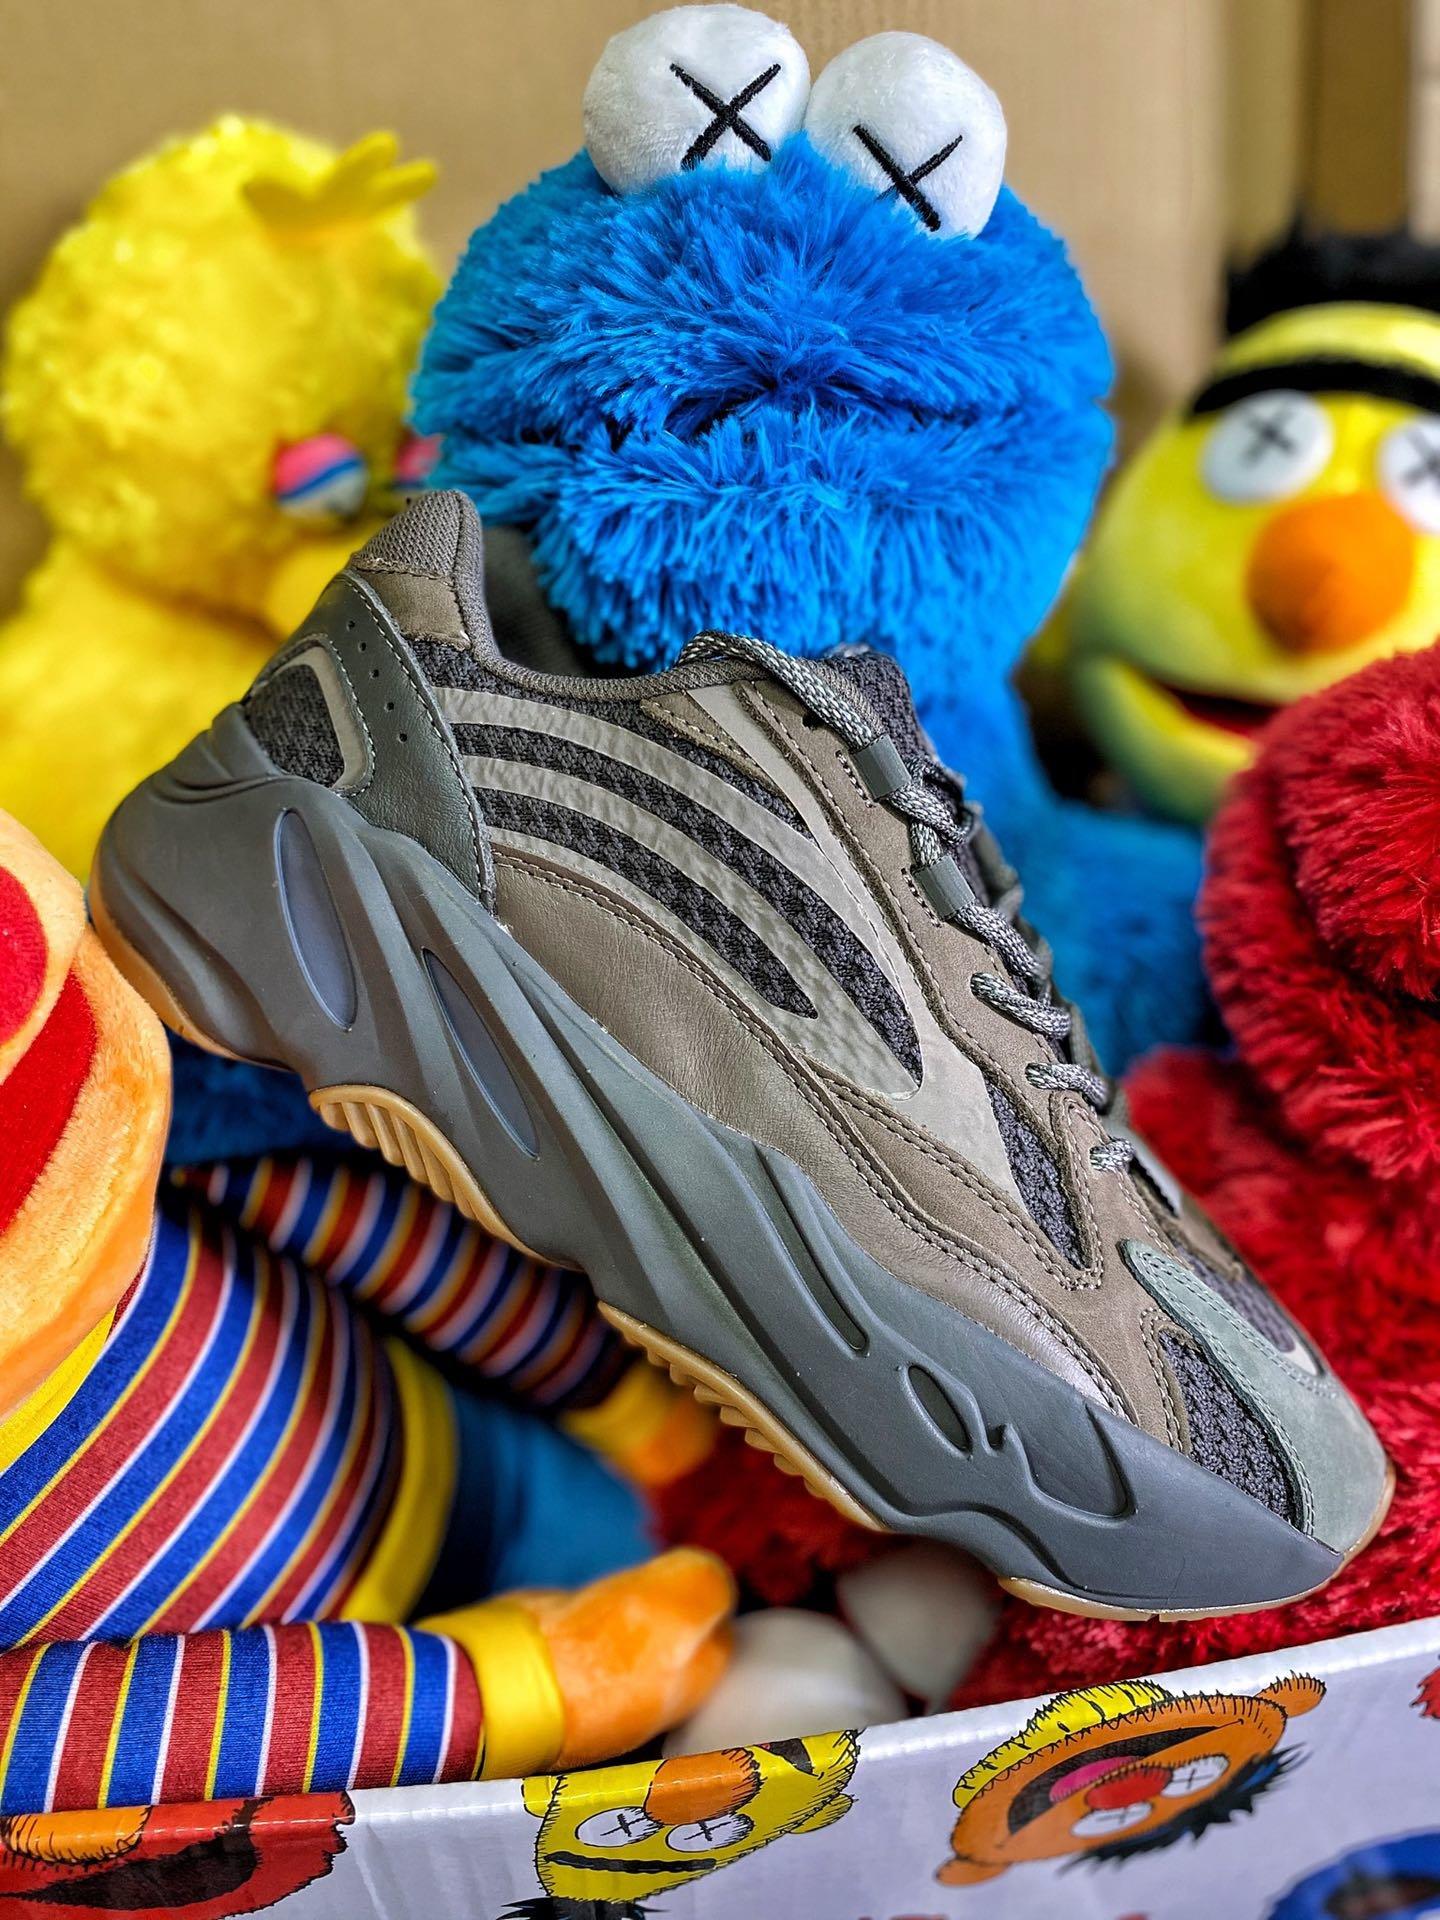 莆田鞋哪里买,莆田鞋拿货渠道,如何找到质量好的莆田鞋!封面